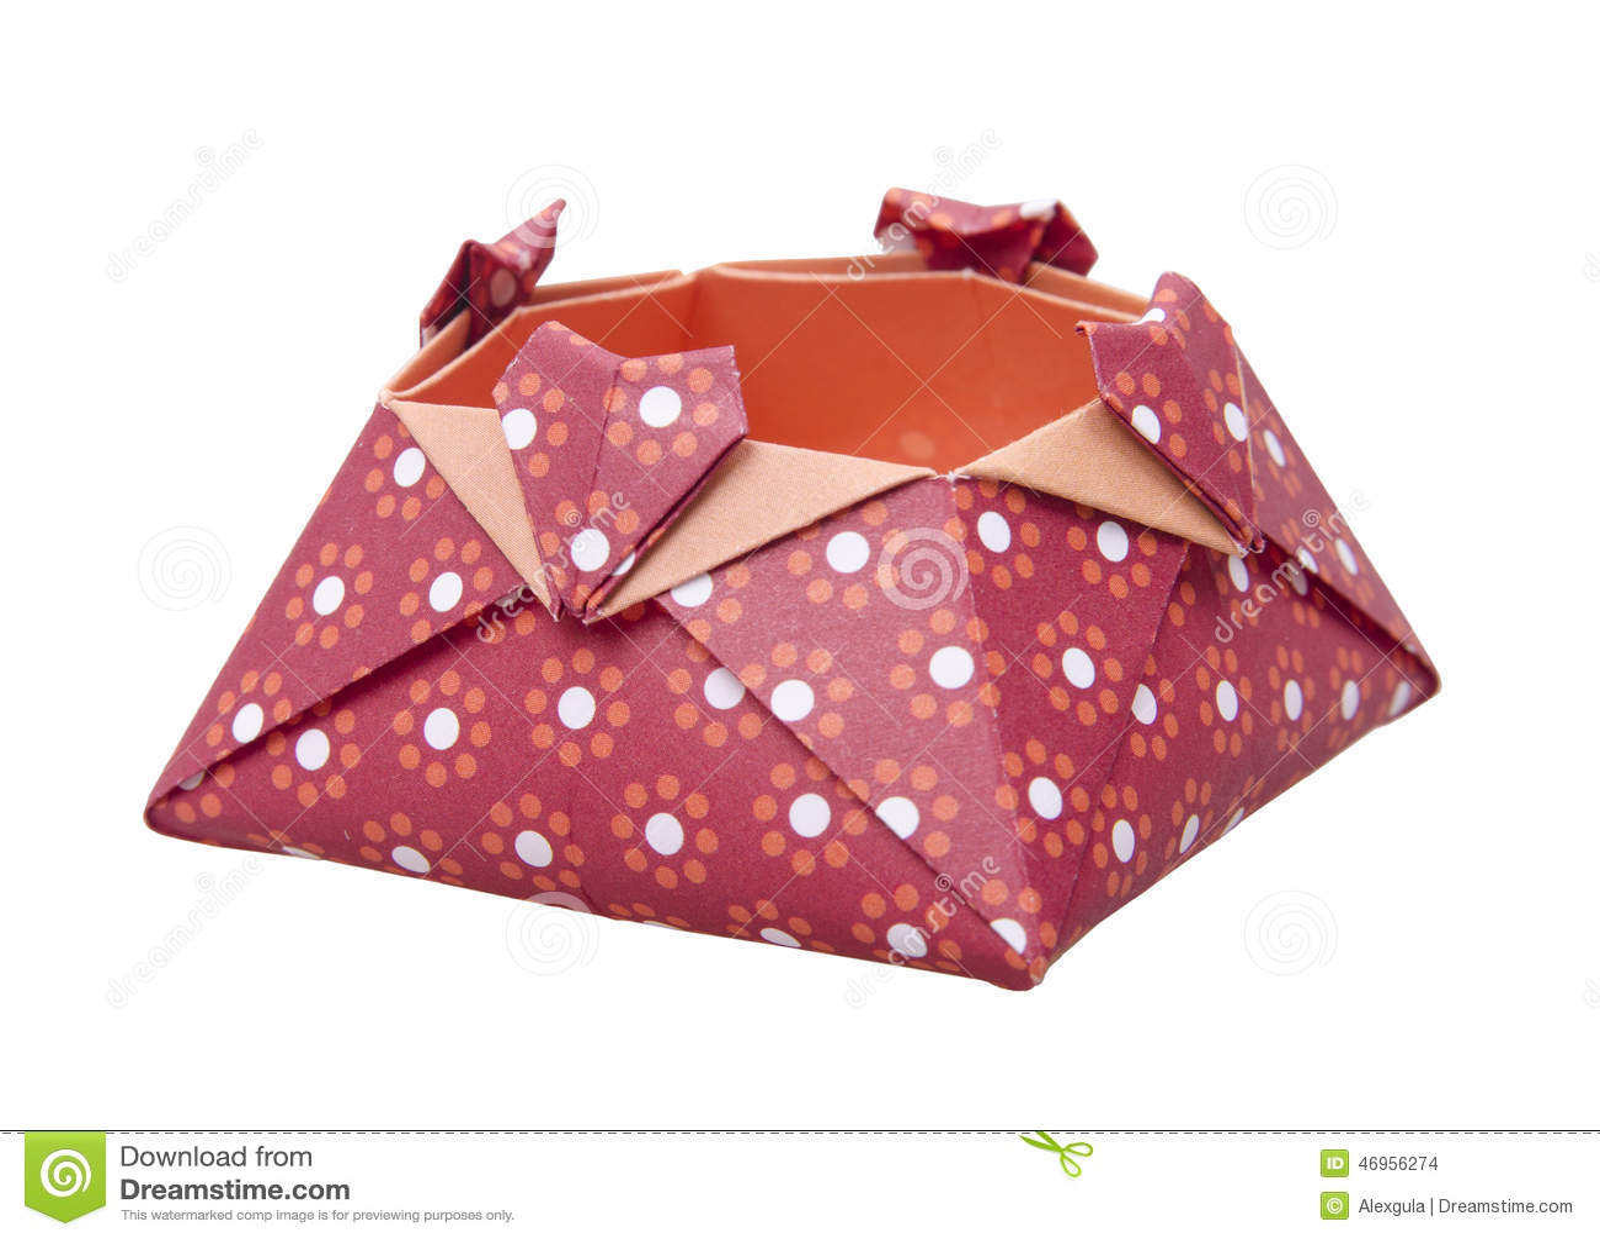 La papiroflexia de papel roja ama la caja cajas de regalo - Cajas forradas de papel ...